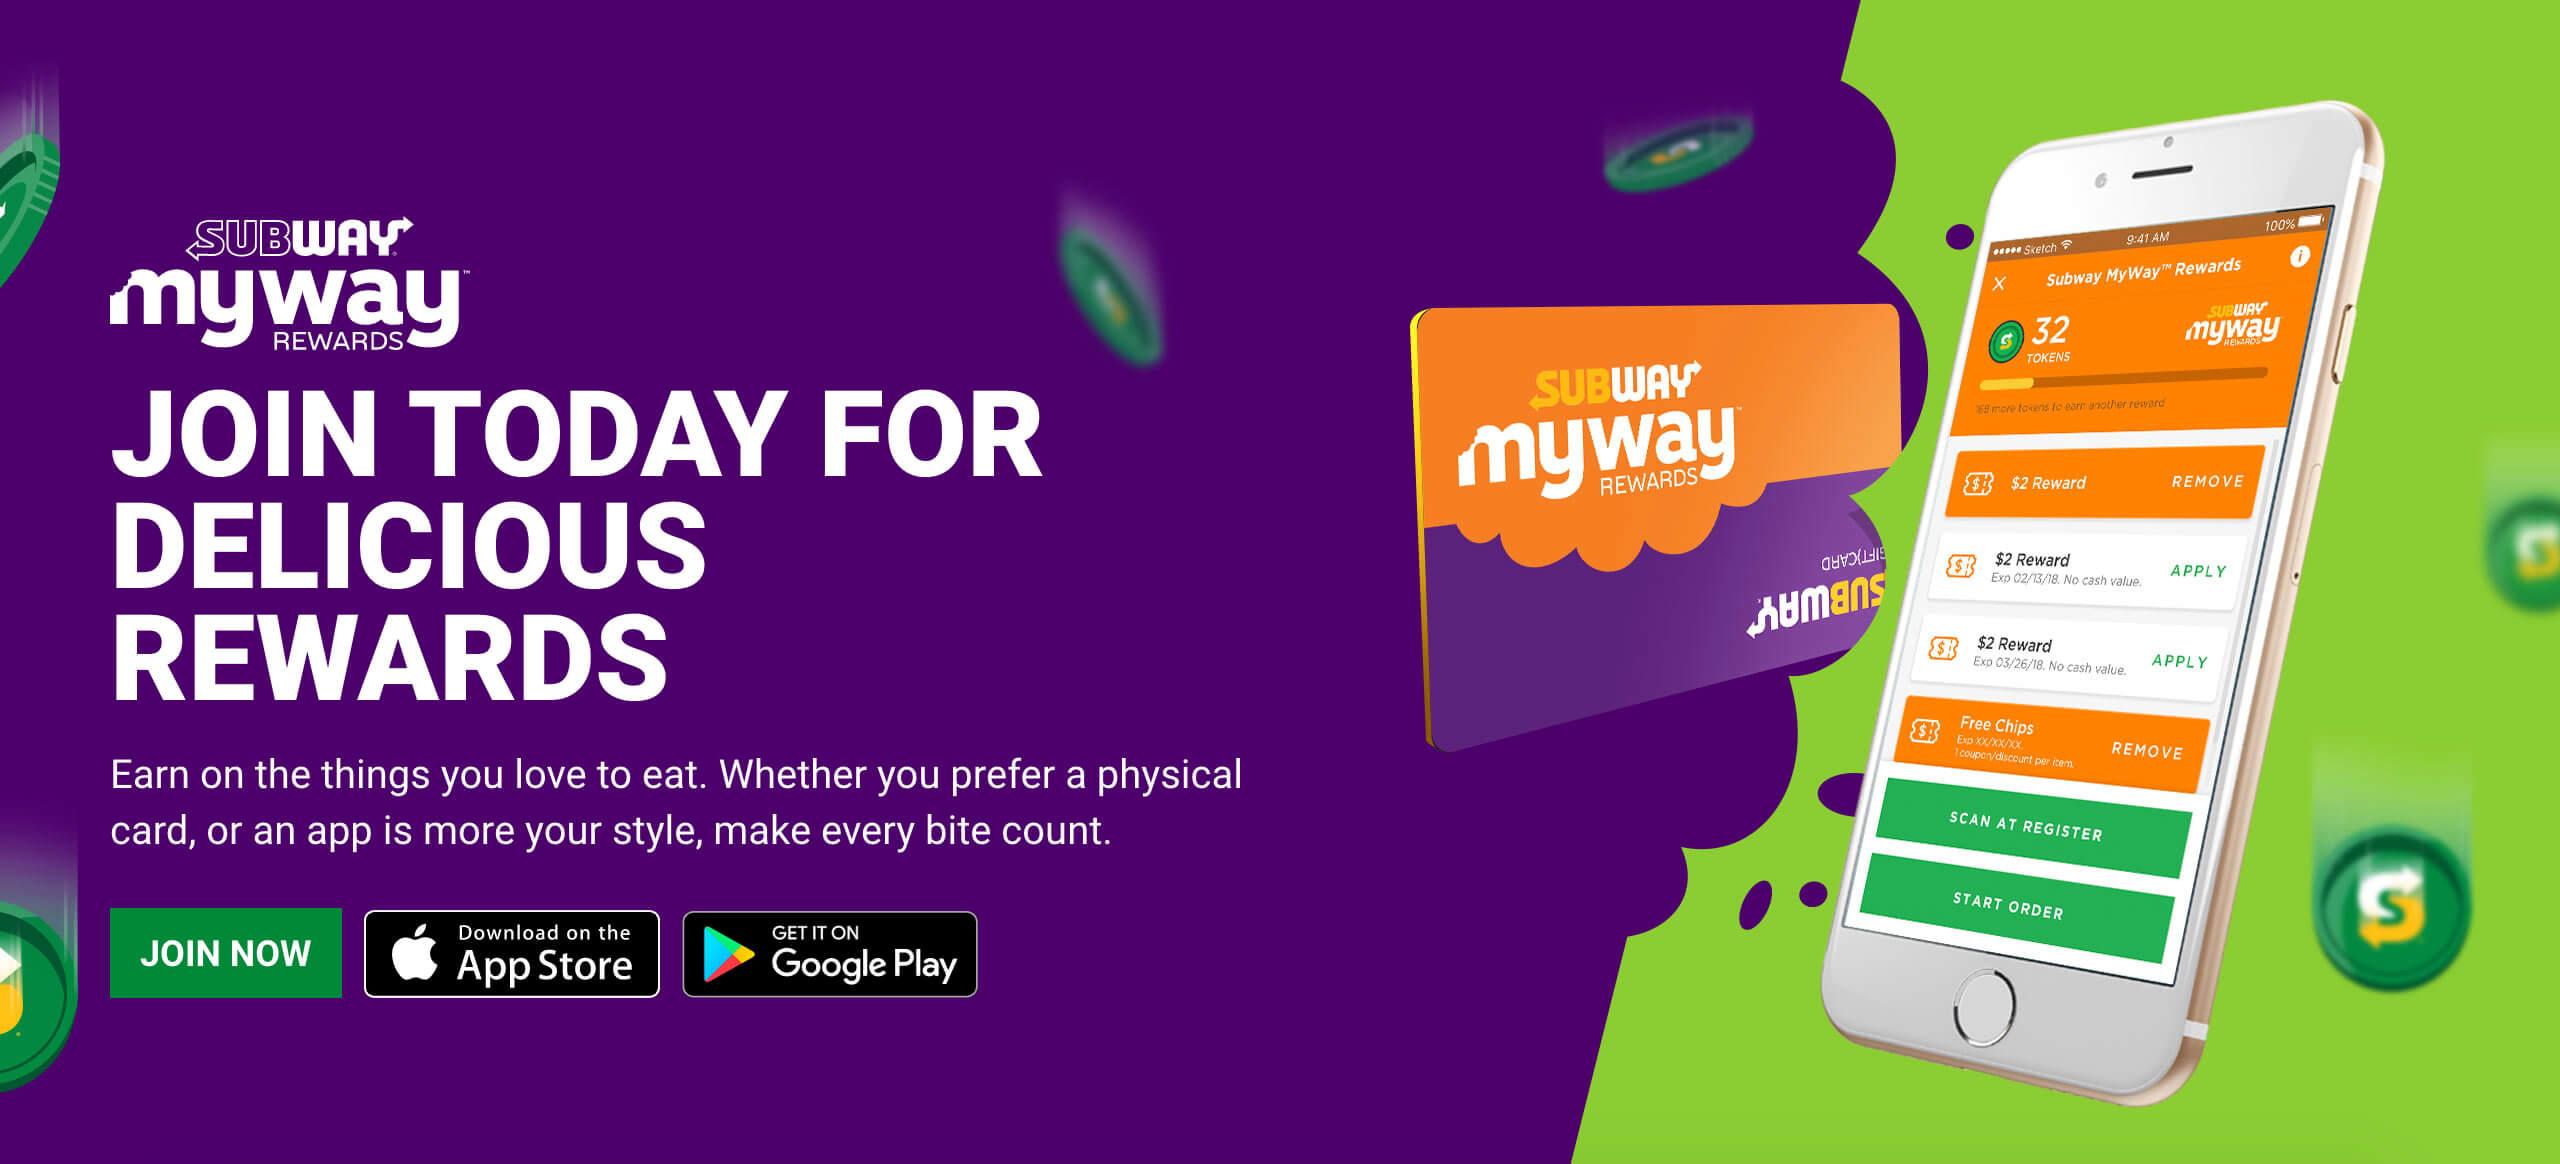 Subway MyWay